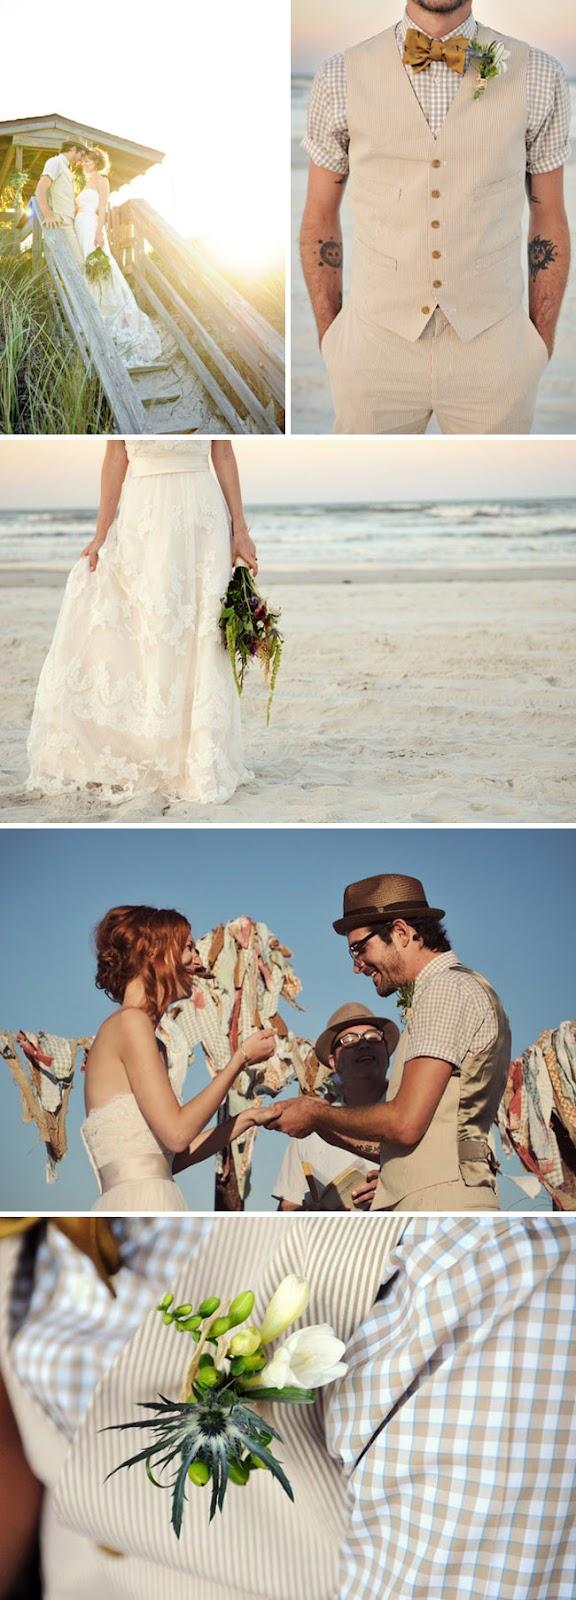 novio+informal+manga+corta+y+sombrero+idea+para+boda+en+la+playa+informal